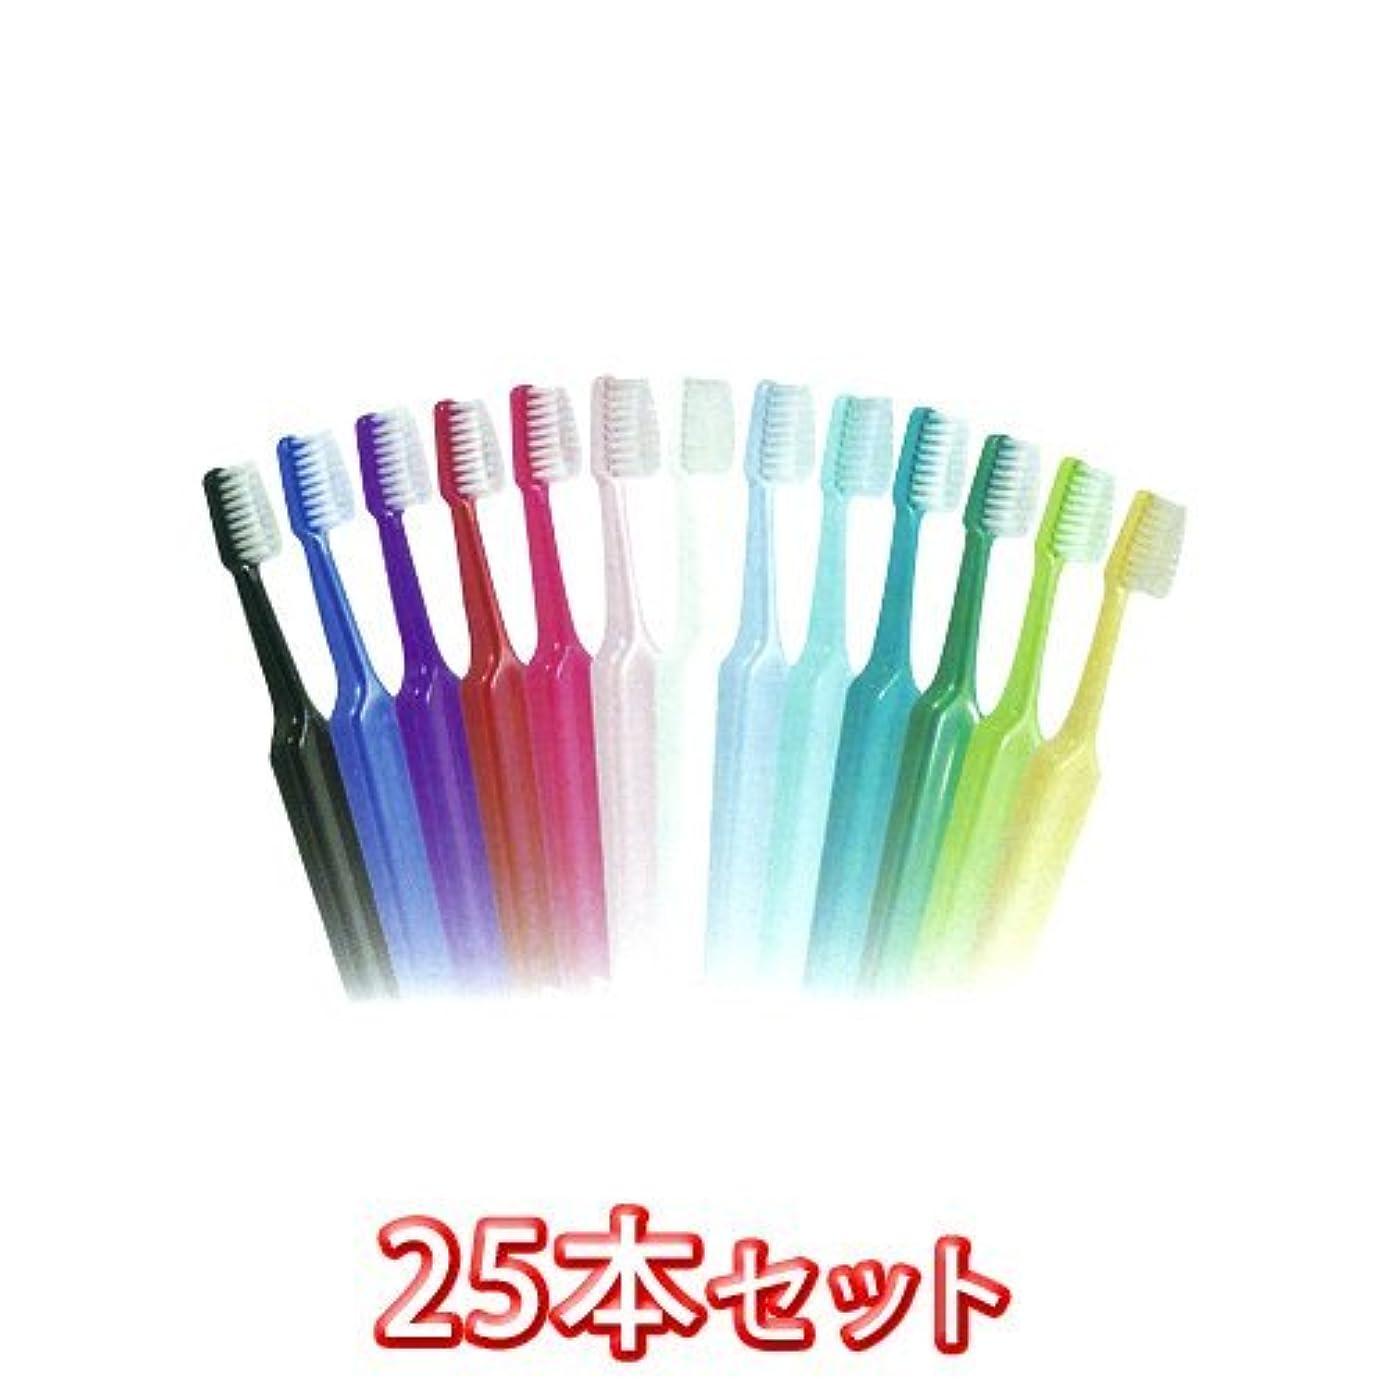 免除モニカ利点クロスフィールド TePe テペ セレクトソフト 歯ブラシ 25本入